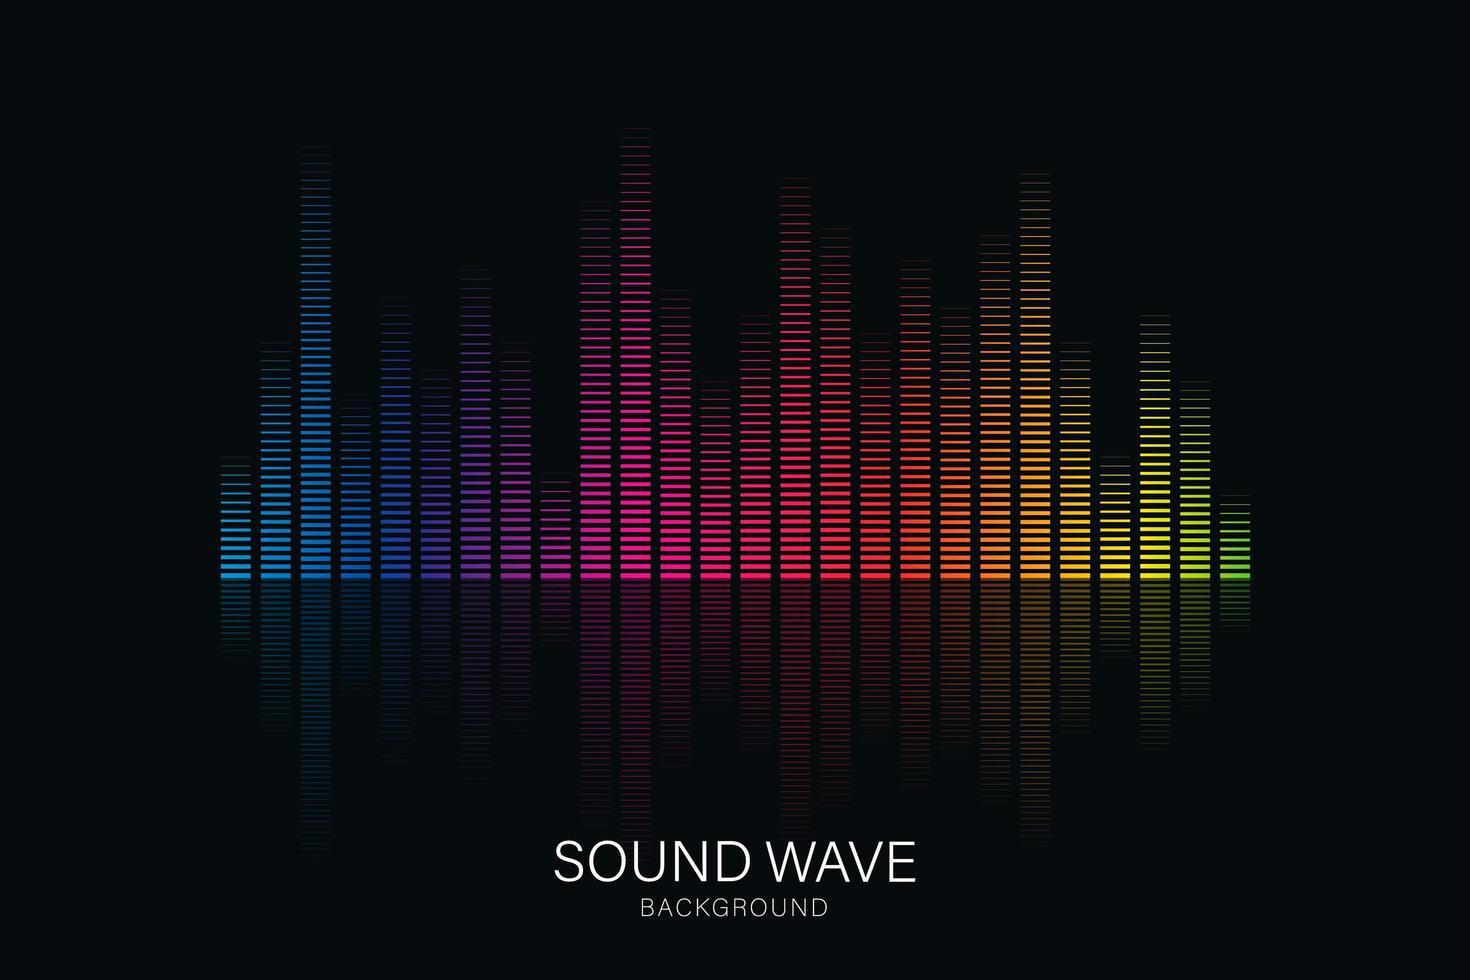 égaliseur d'onde sonore adapté à l'affiche vecteur